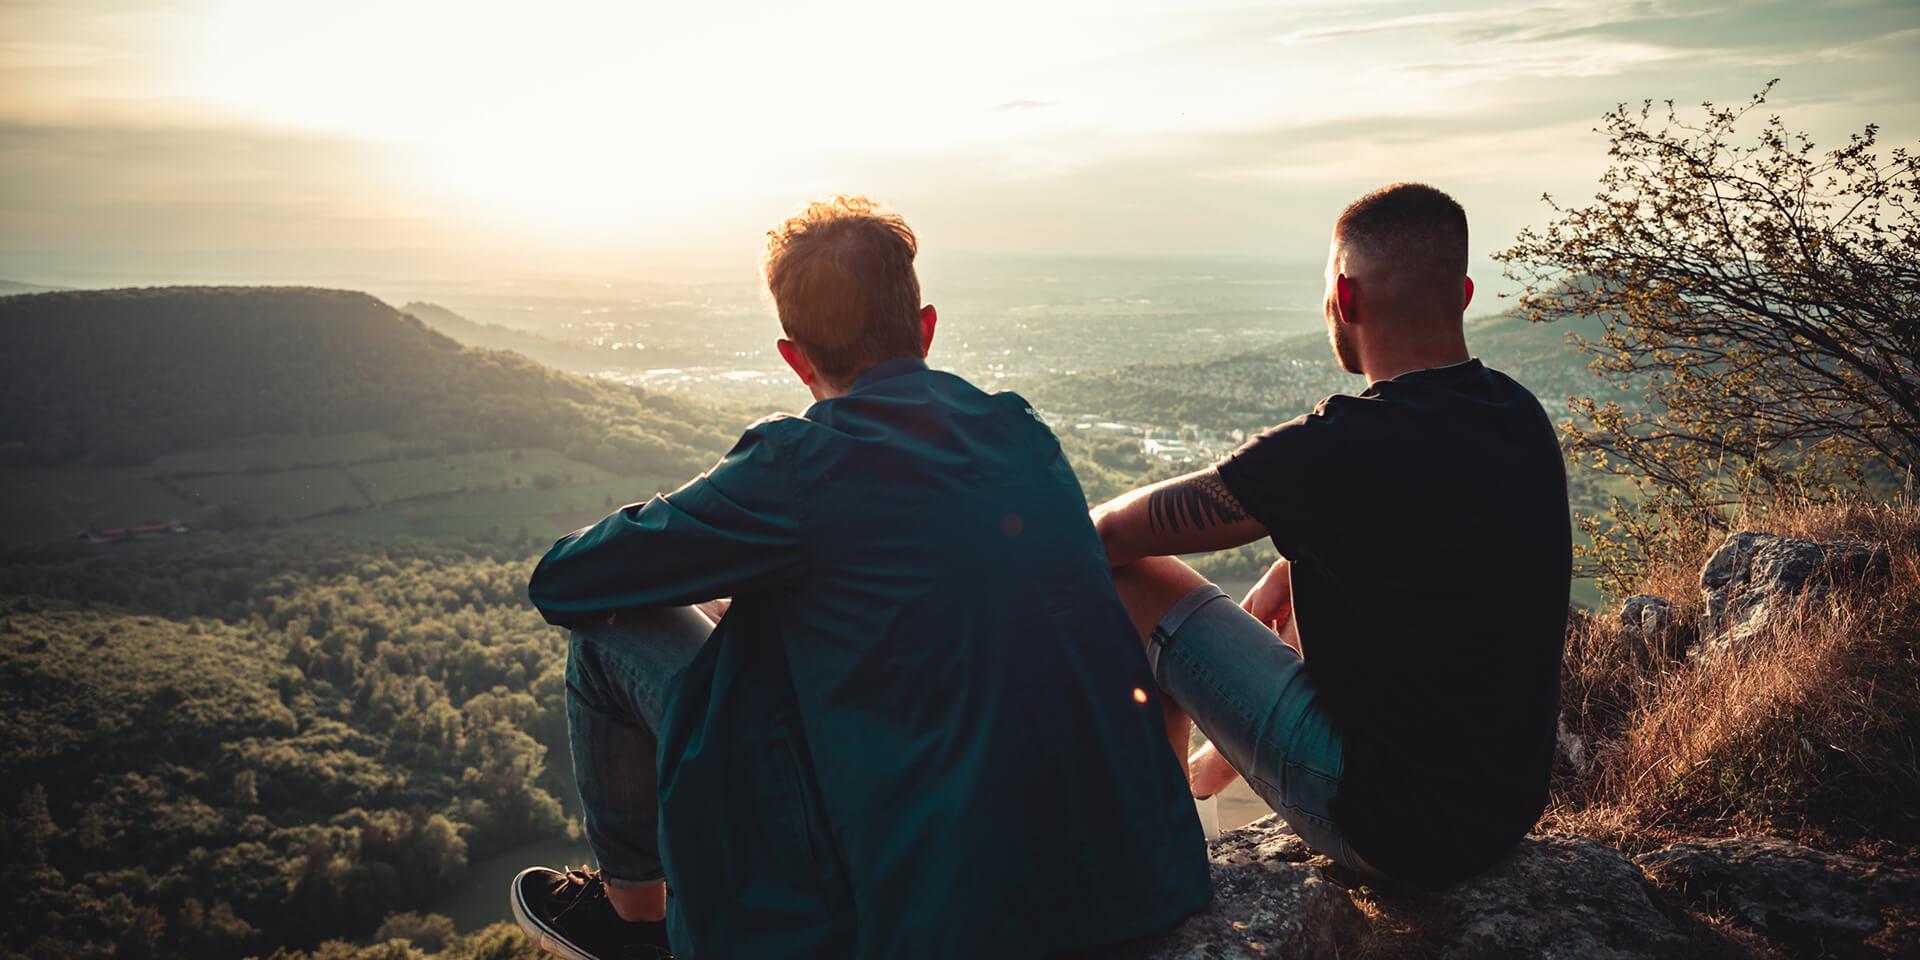 Zwei junge Männer sitzen an einem Aussichtspunkt und blicken auf ein Tal